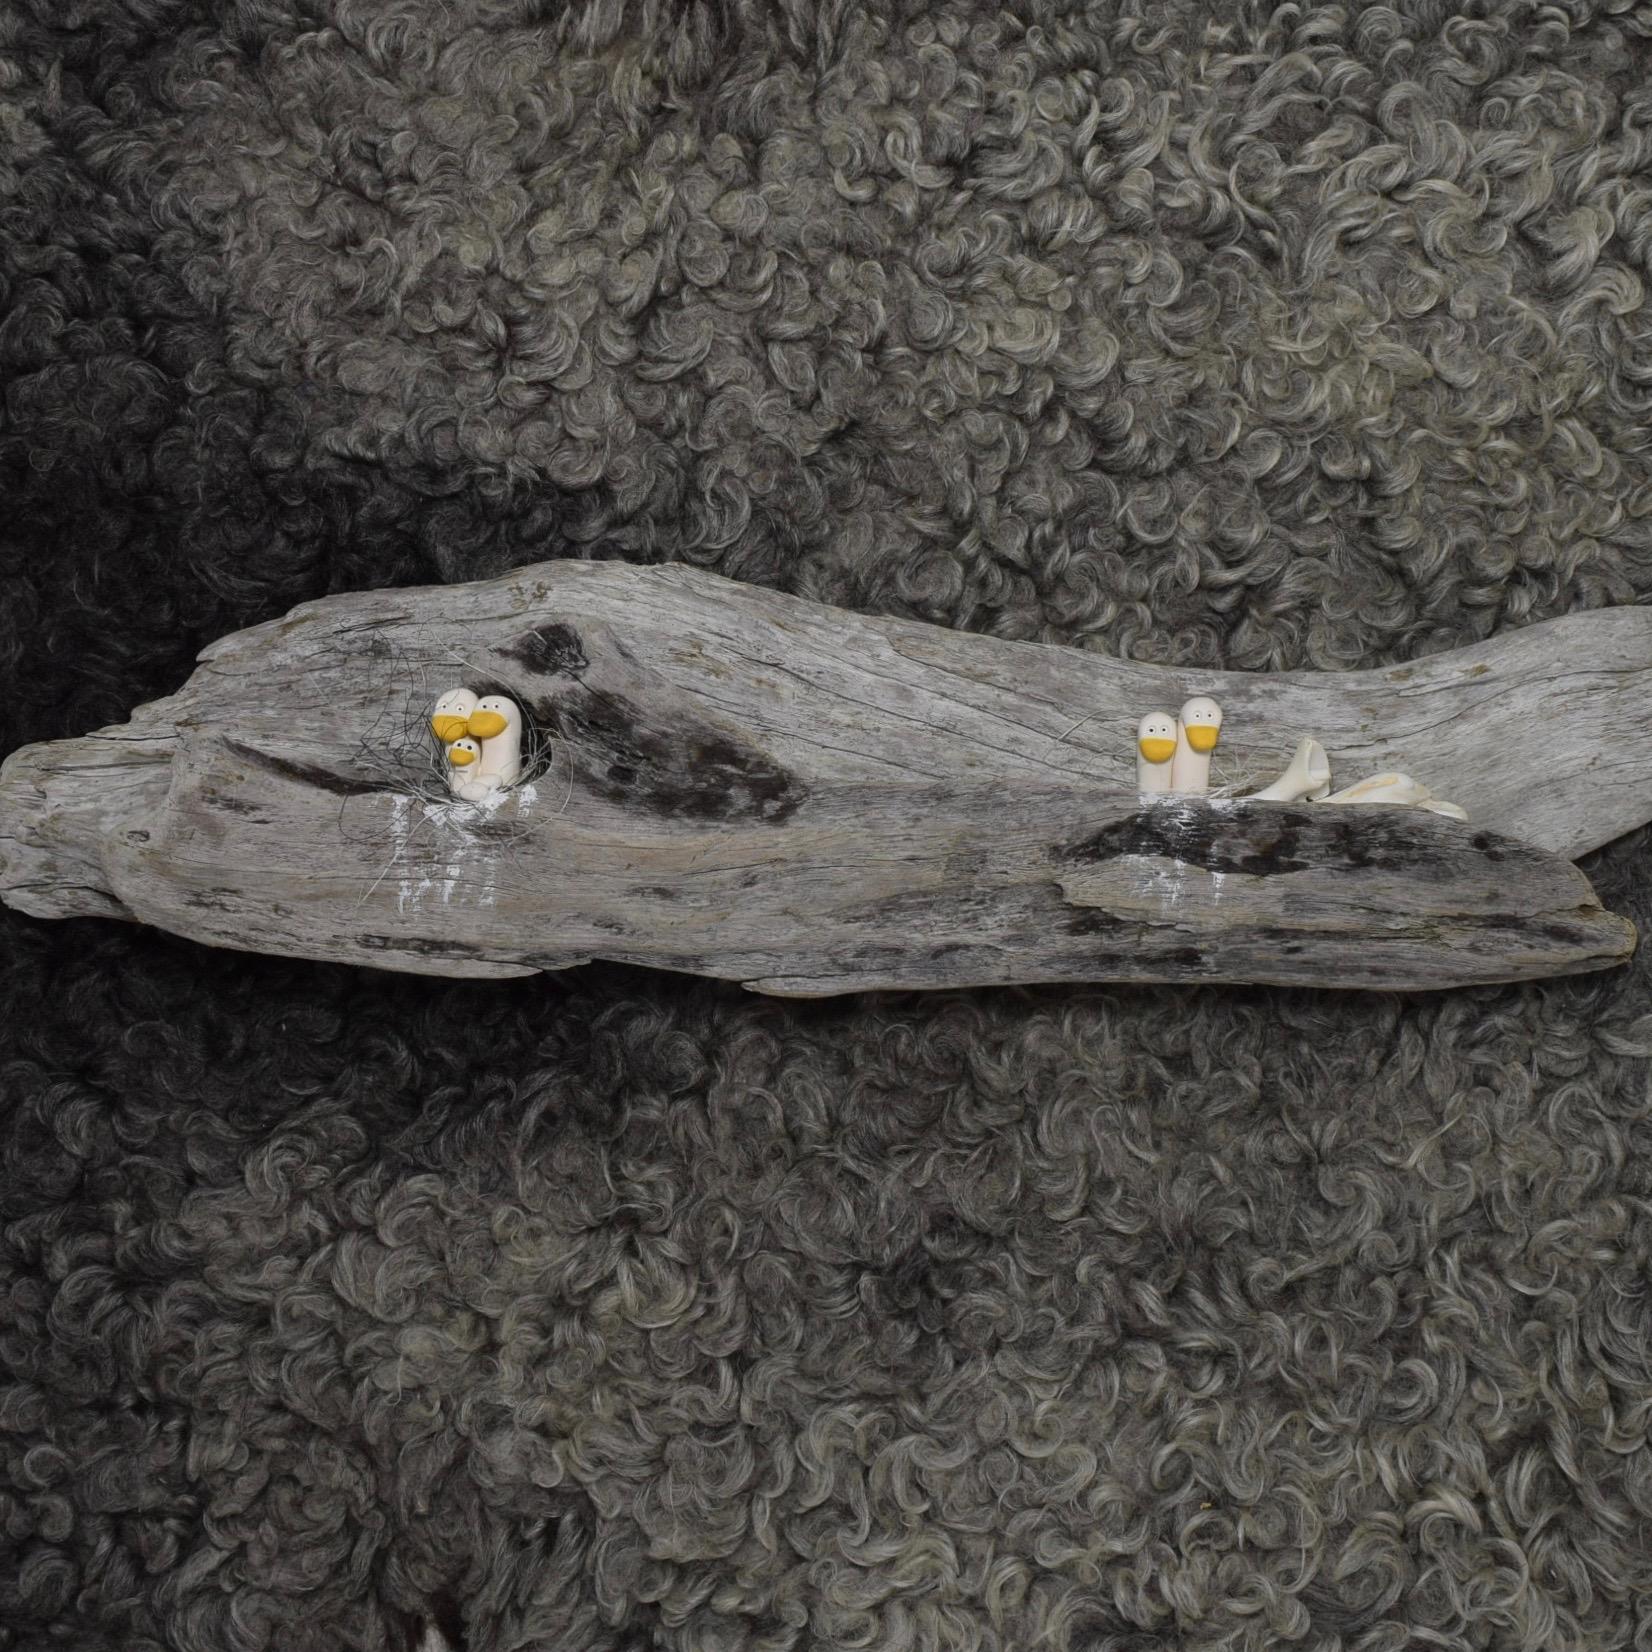 driftwood-art-craft-3.jpg